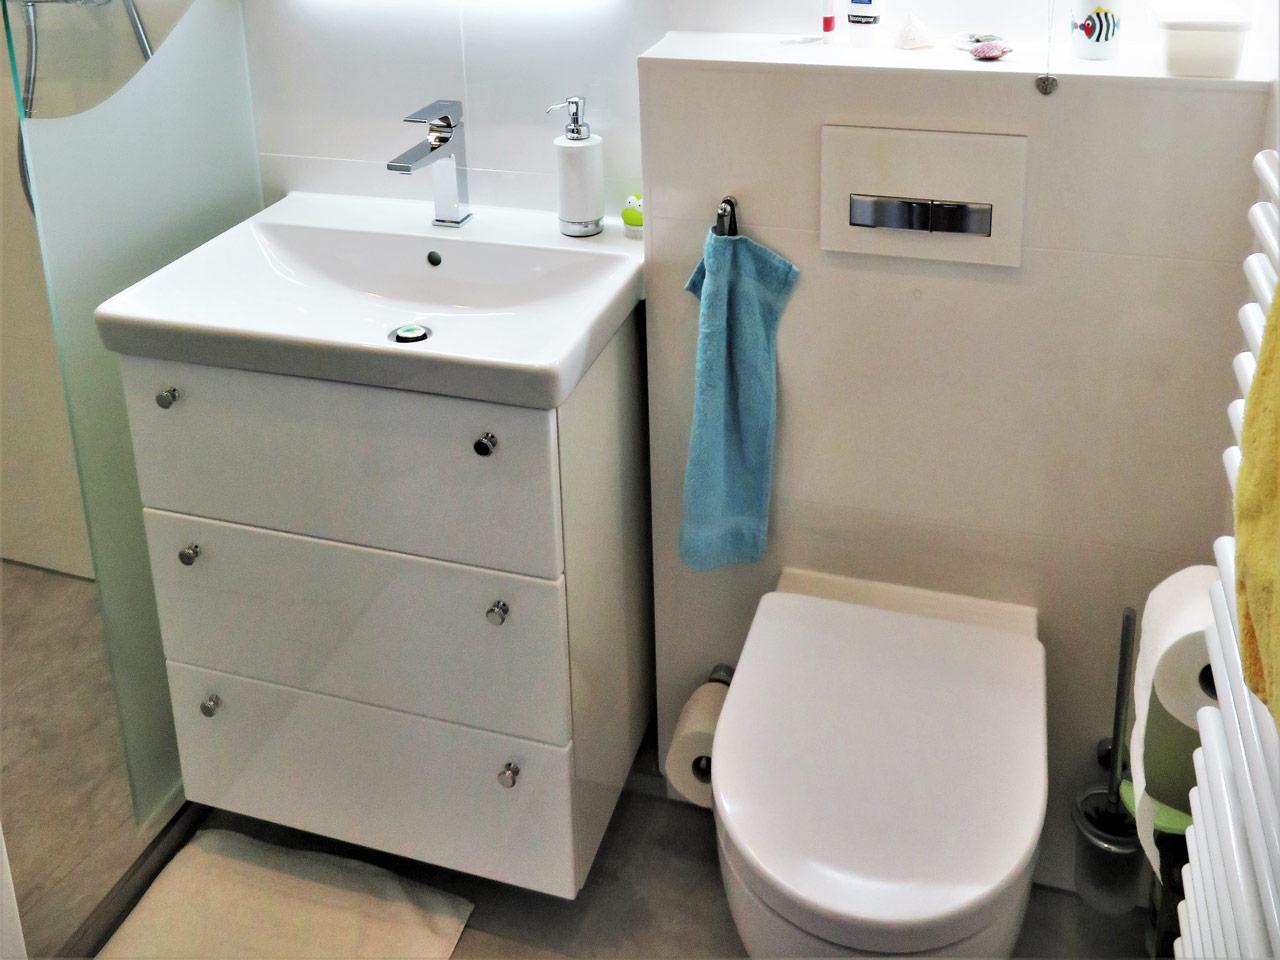 Minibad mit Waschtisch für Stauraum